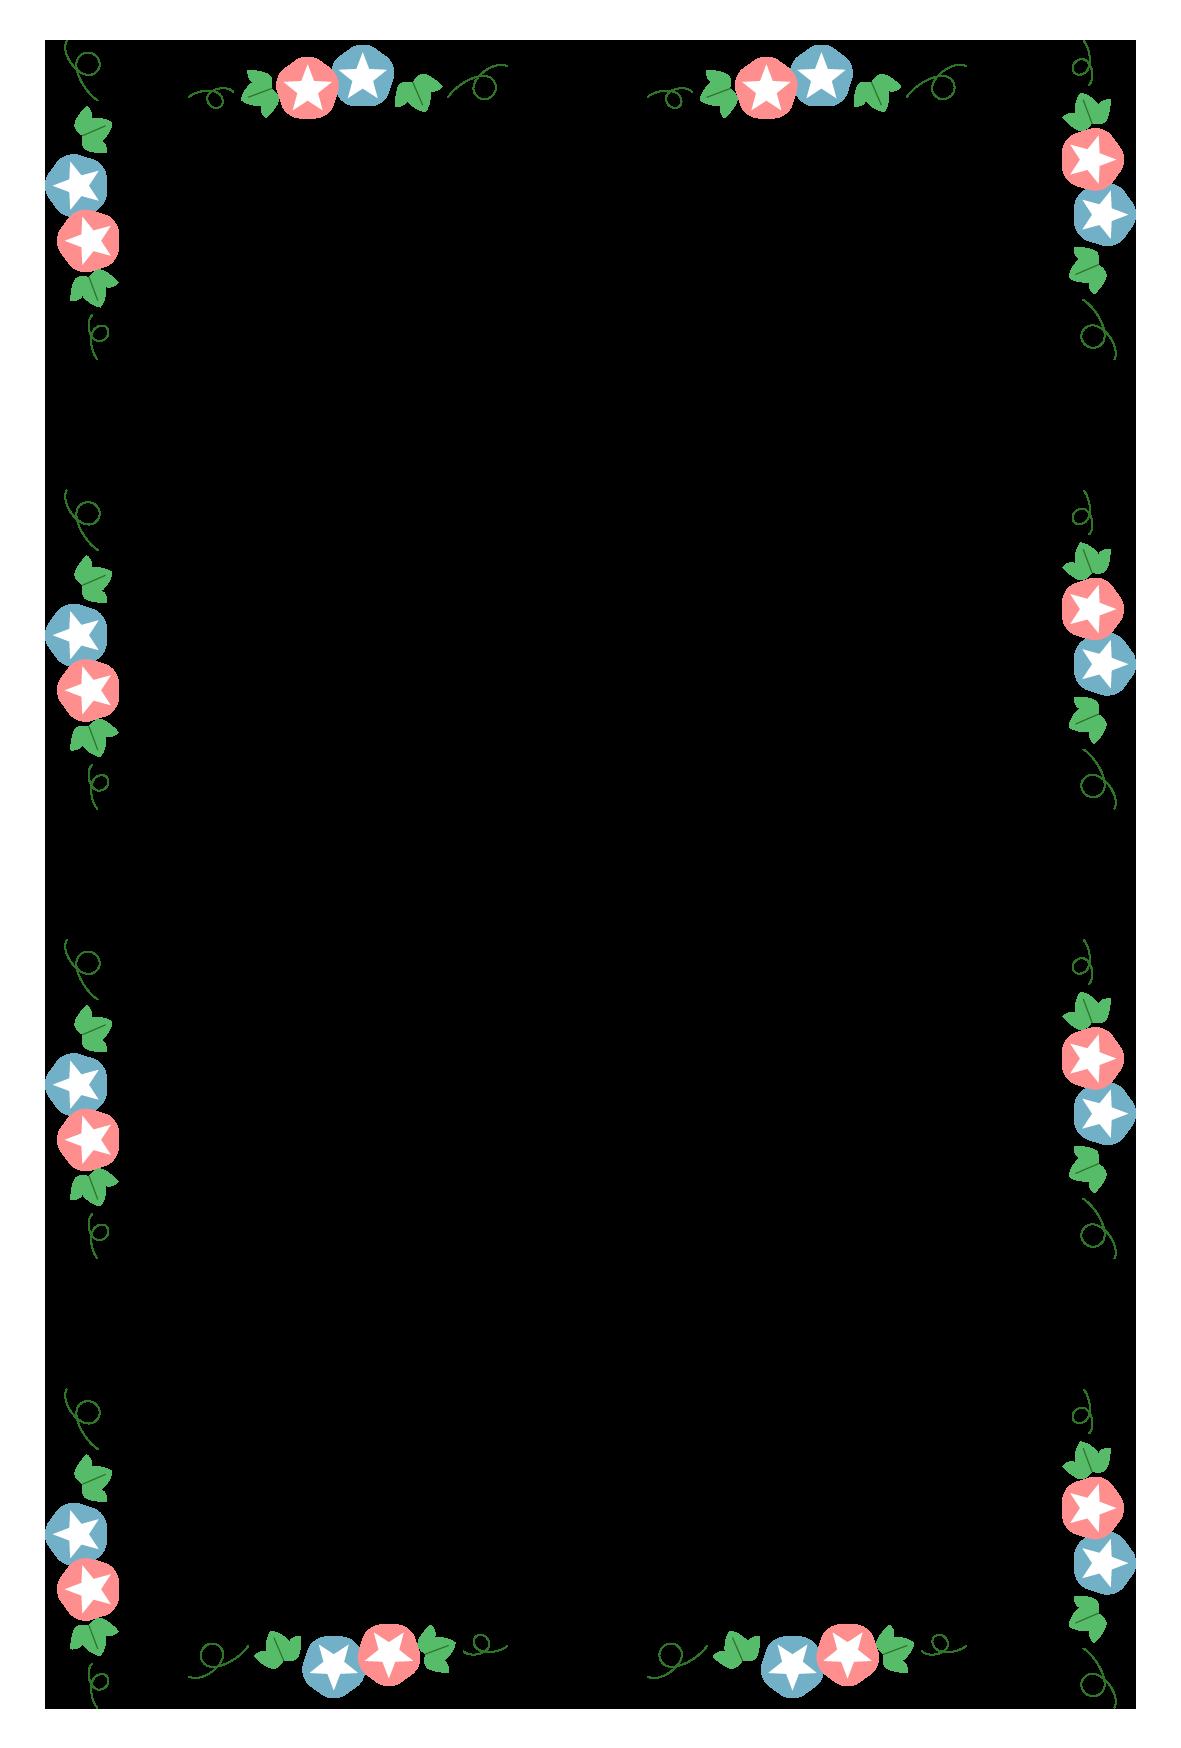 夏(朝顔)のシンプル枠イラスト-縦 <無料> | イラストk